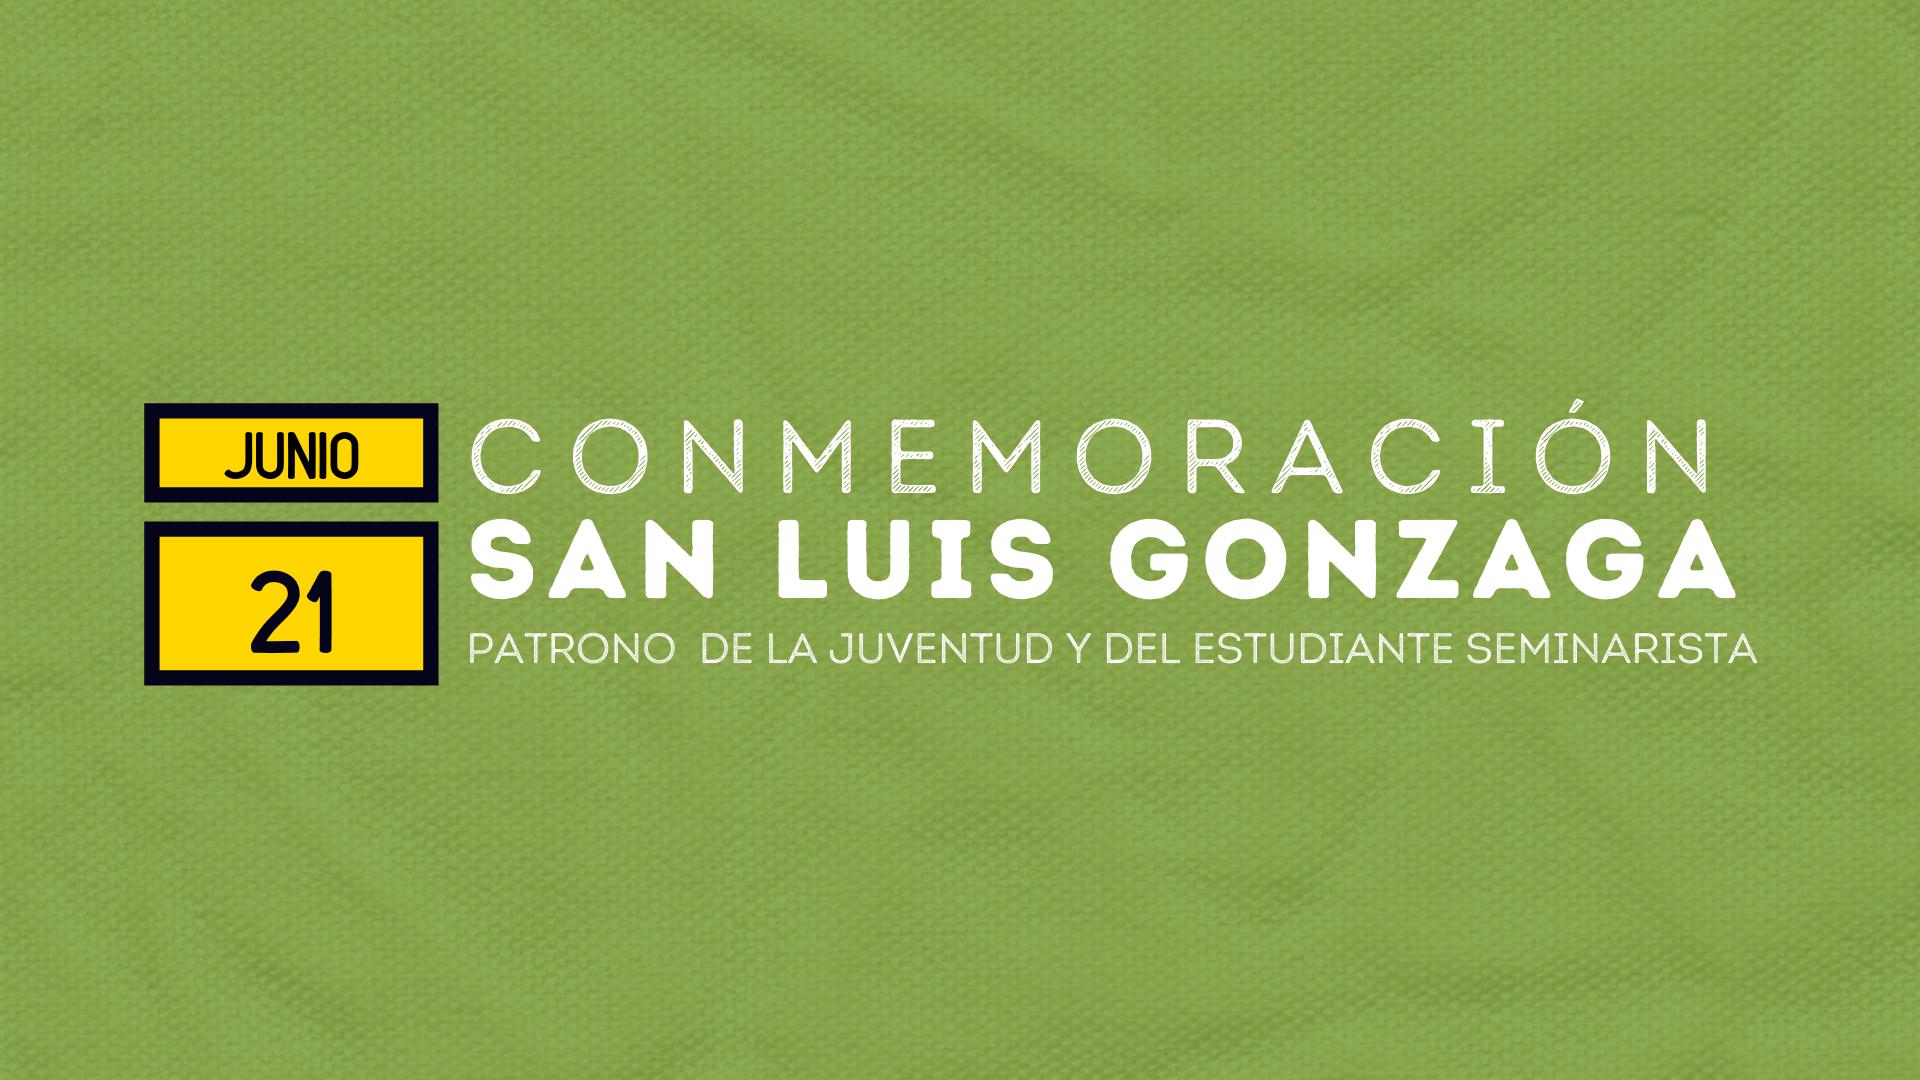 CONOCE LA VIDA Y OBRA DE SAN LUIS GONZAGA EN TRES EPISODIOS